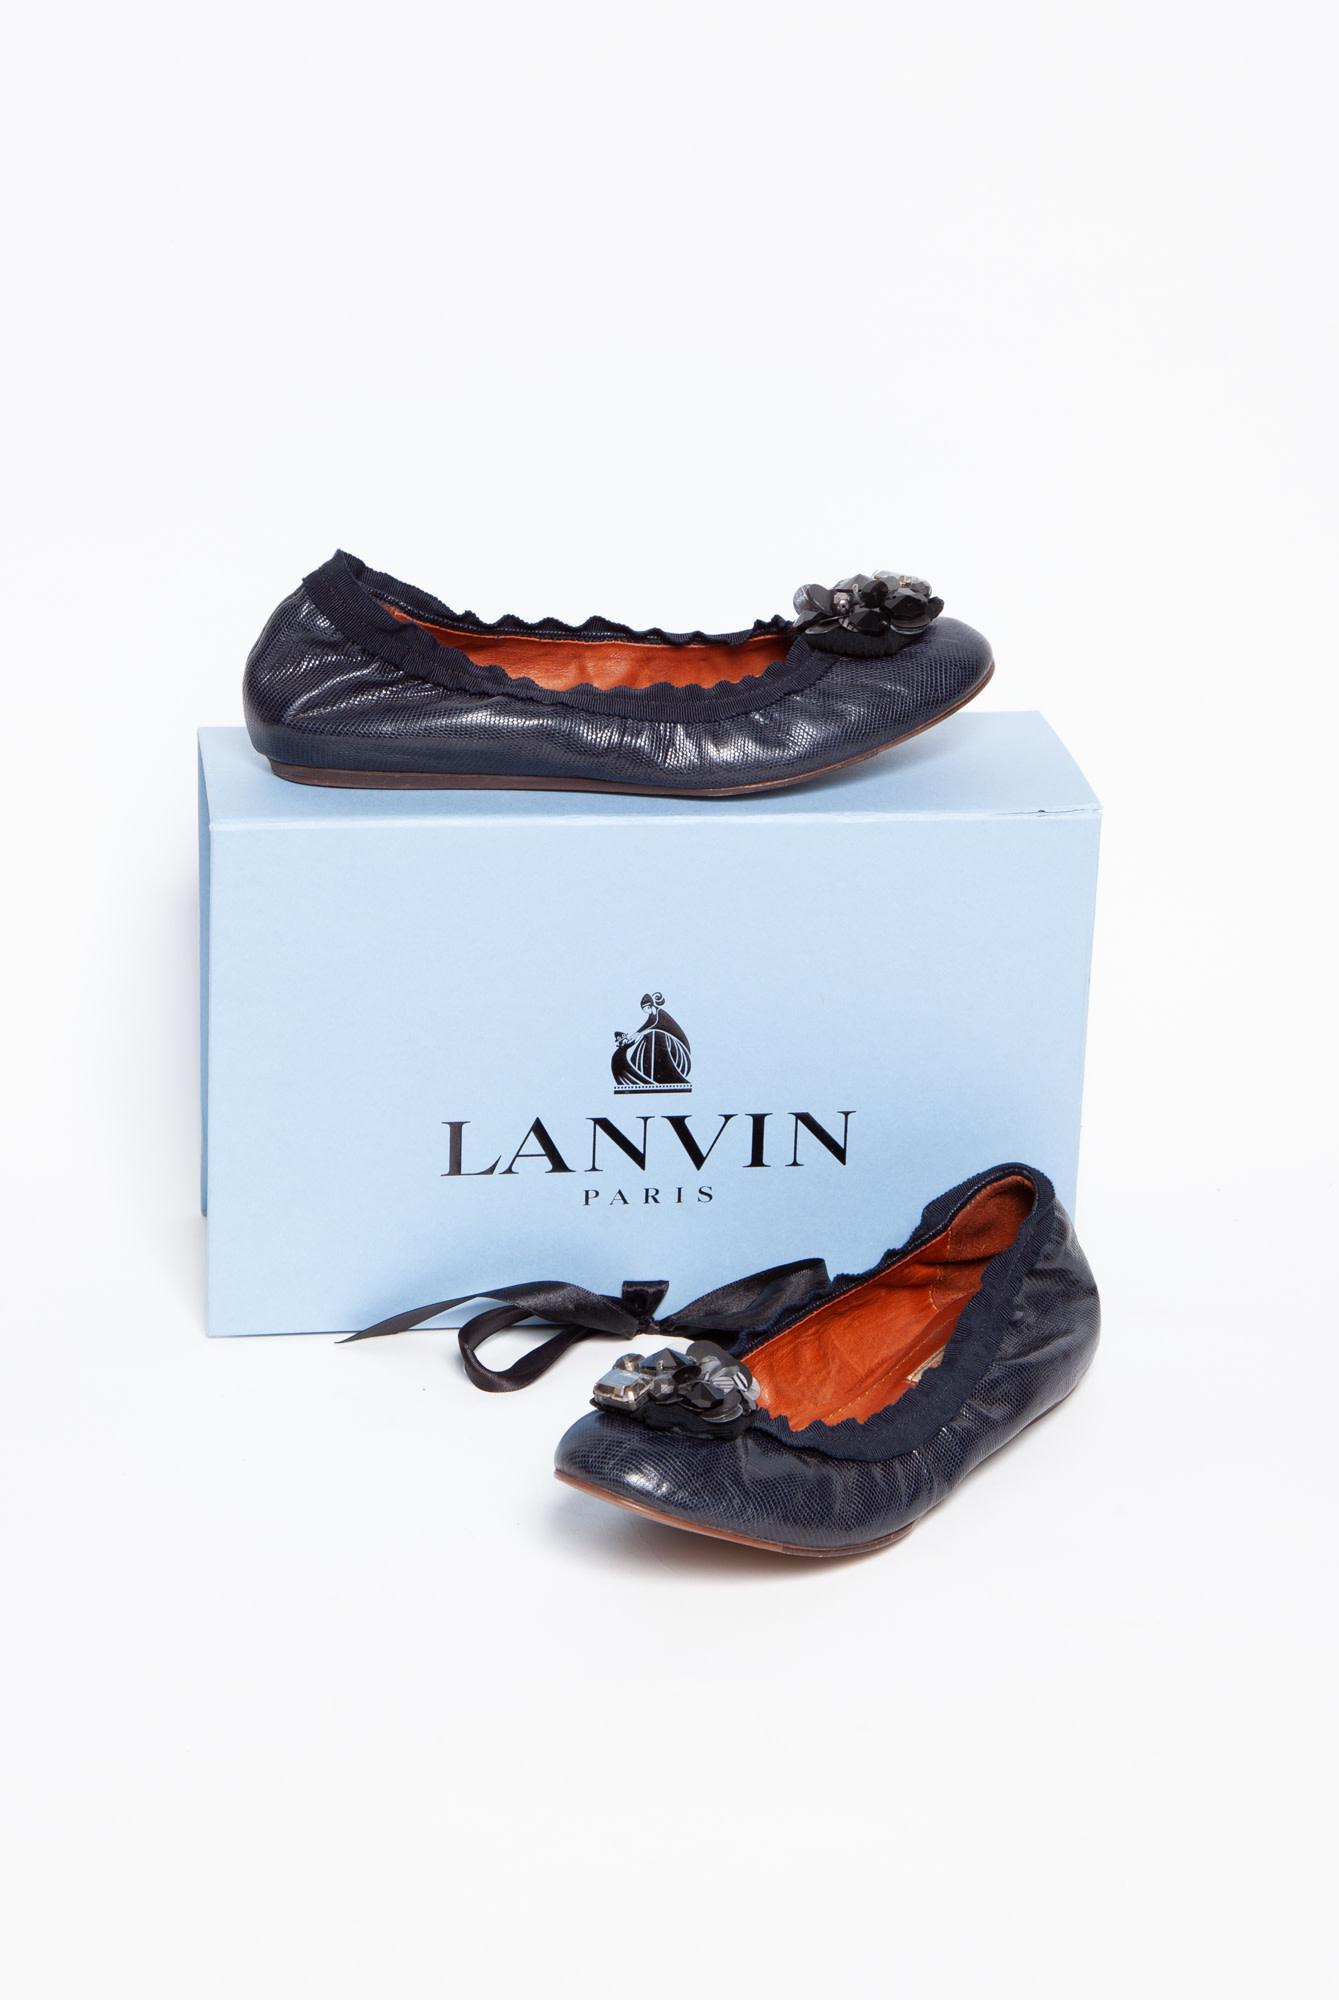 Lanvin MIDNIGHT BLUE LEATHER BALLERINAS